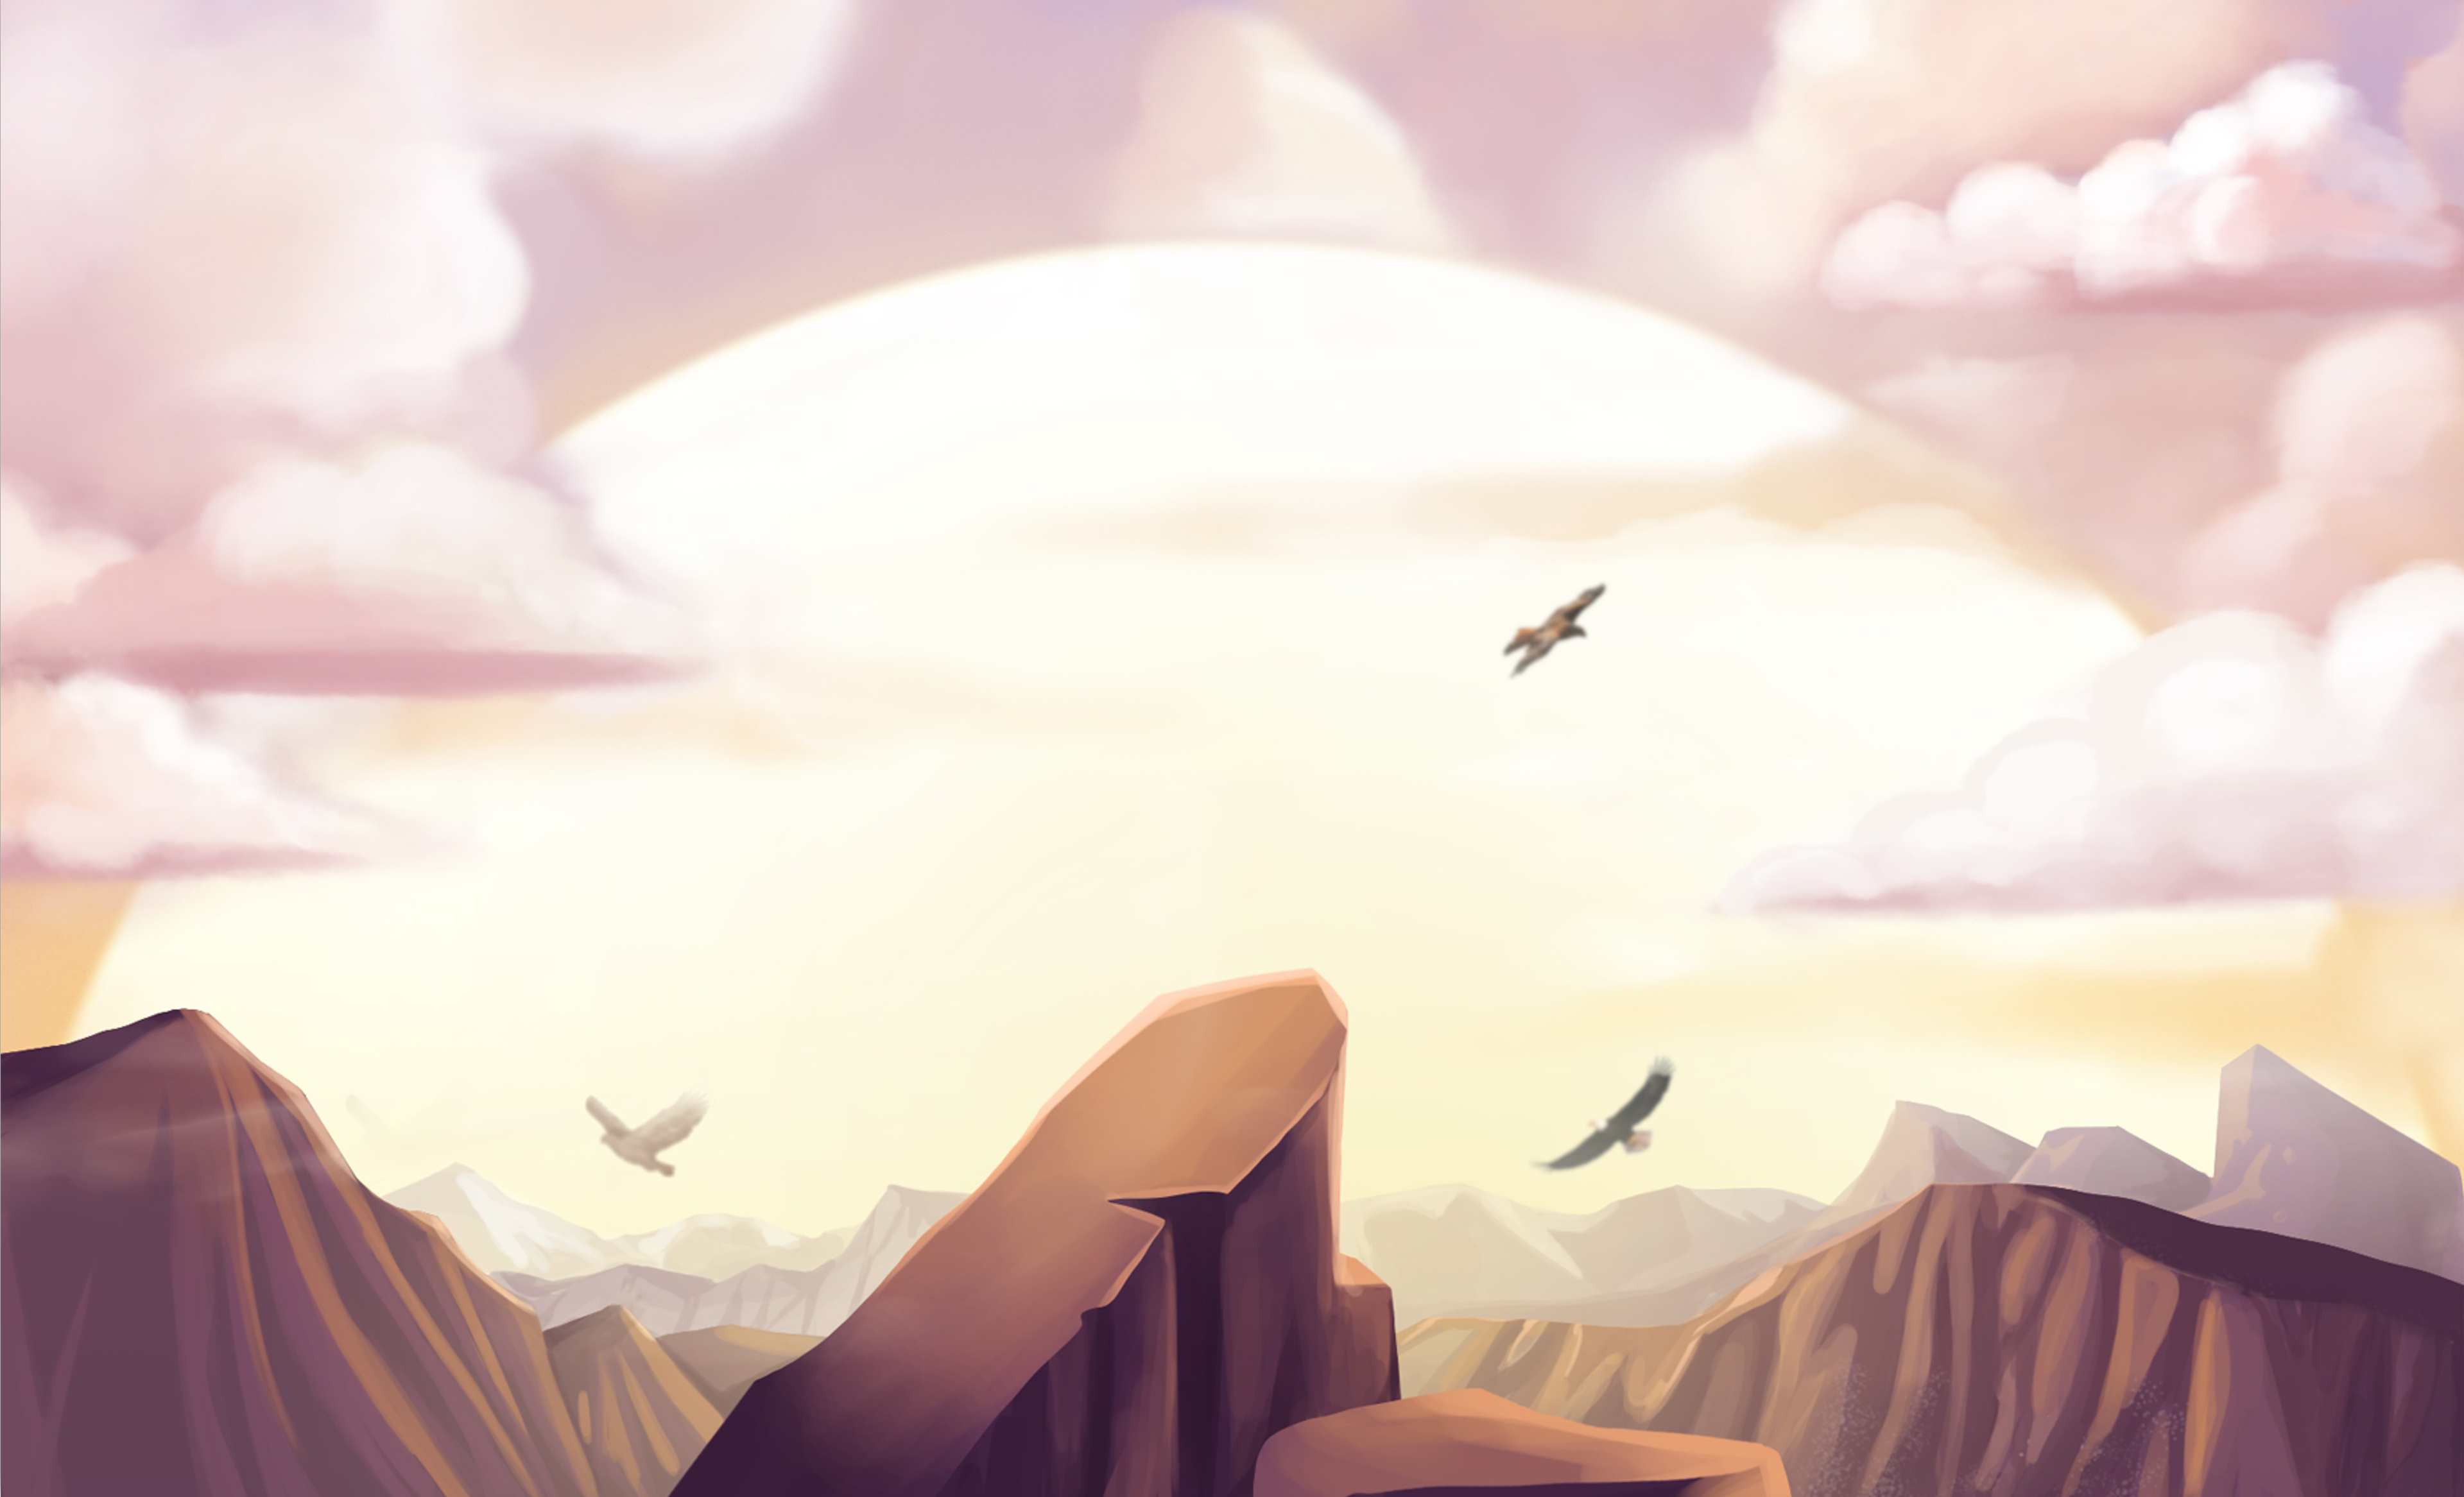 Concept art_Mountain